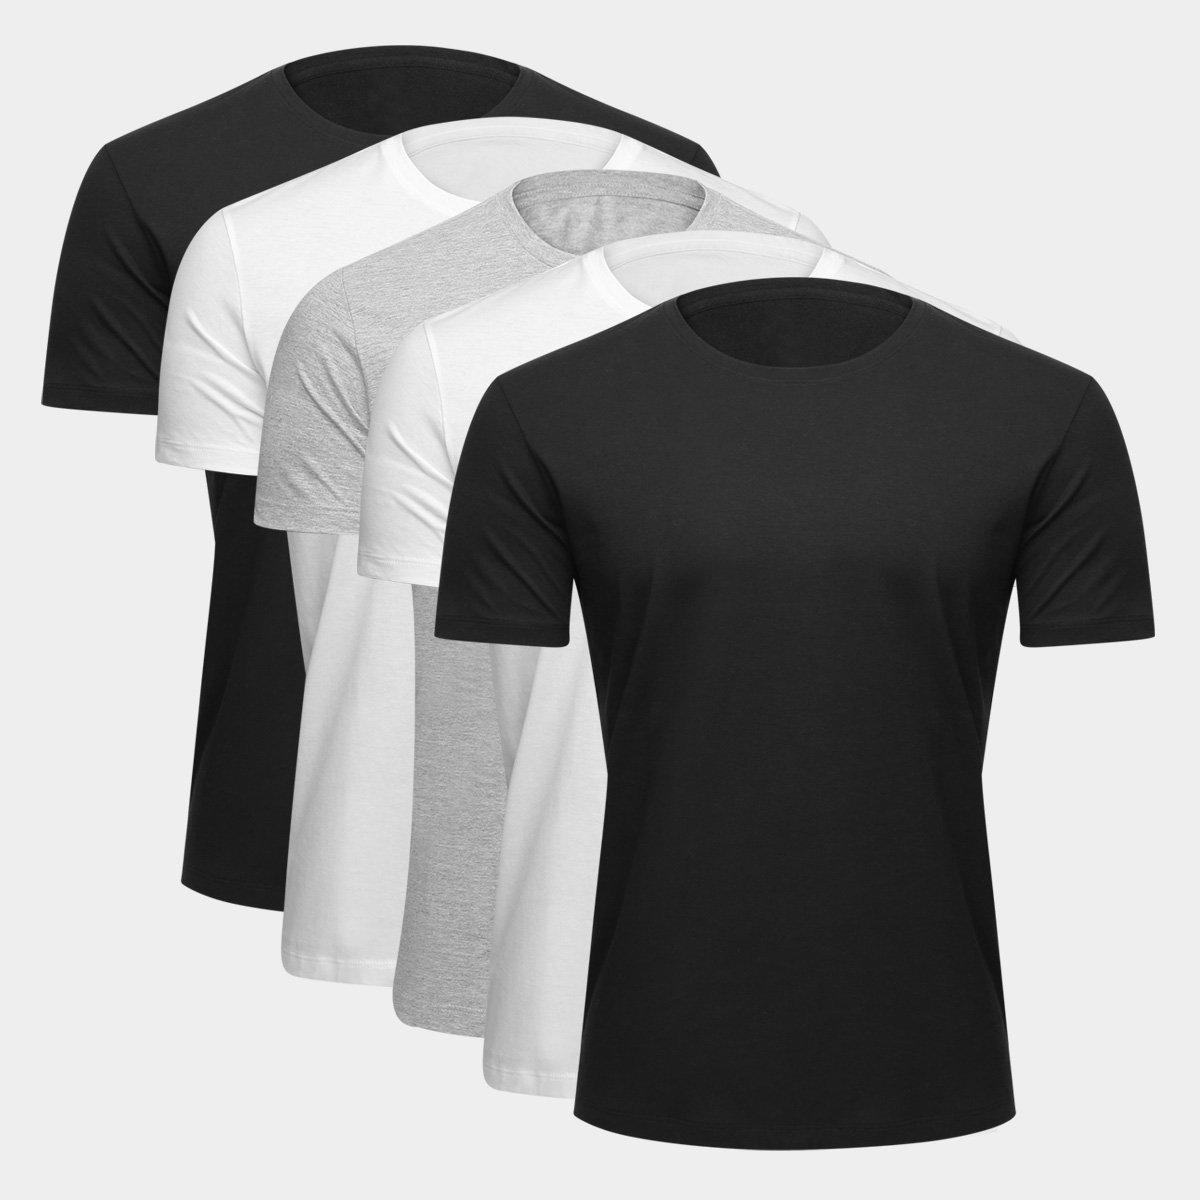 kit camisetas basicas - Netshoes - Kit 5 Camisetas Básica - R$ 79,99